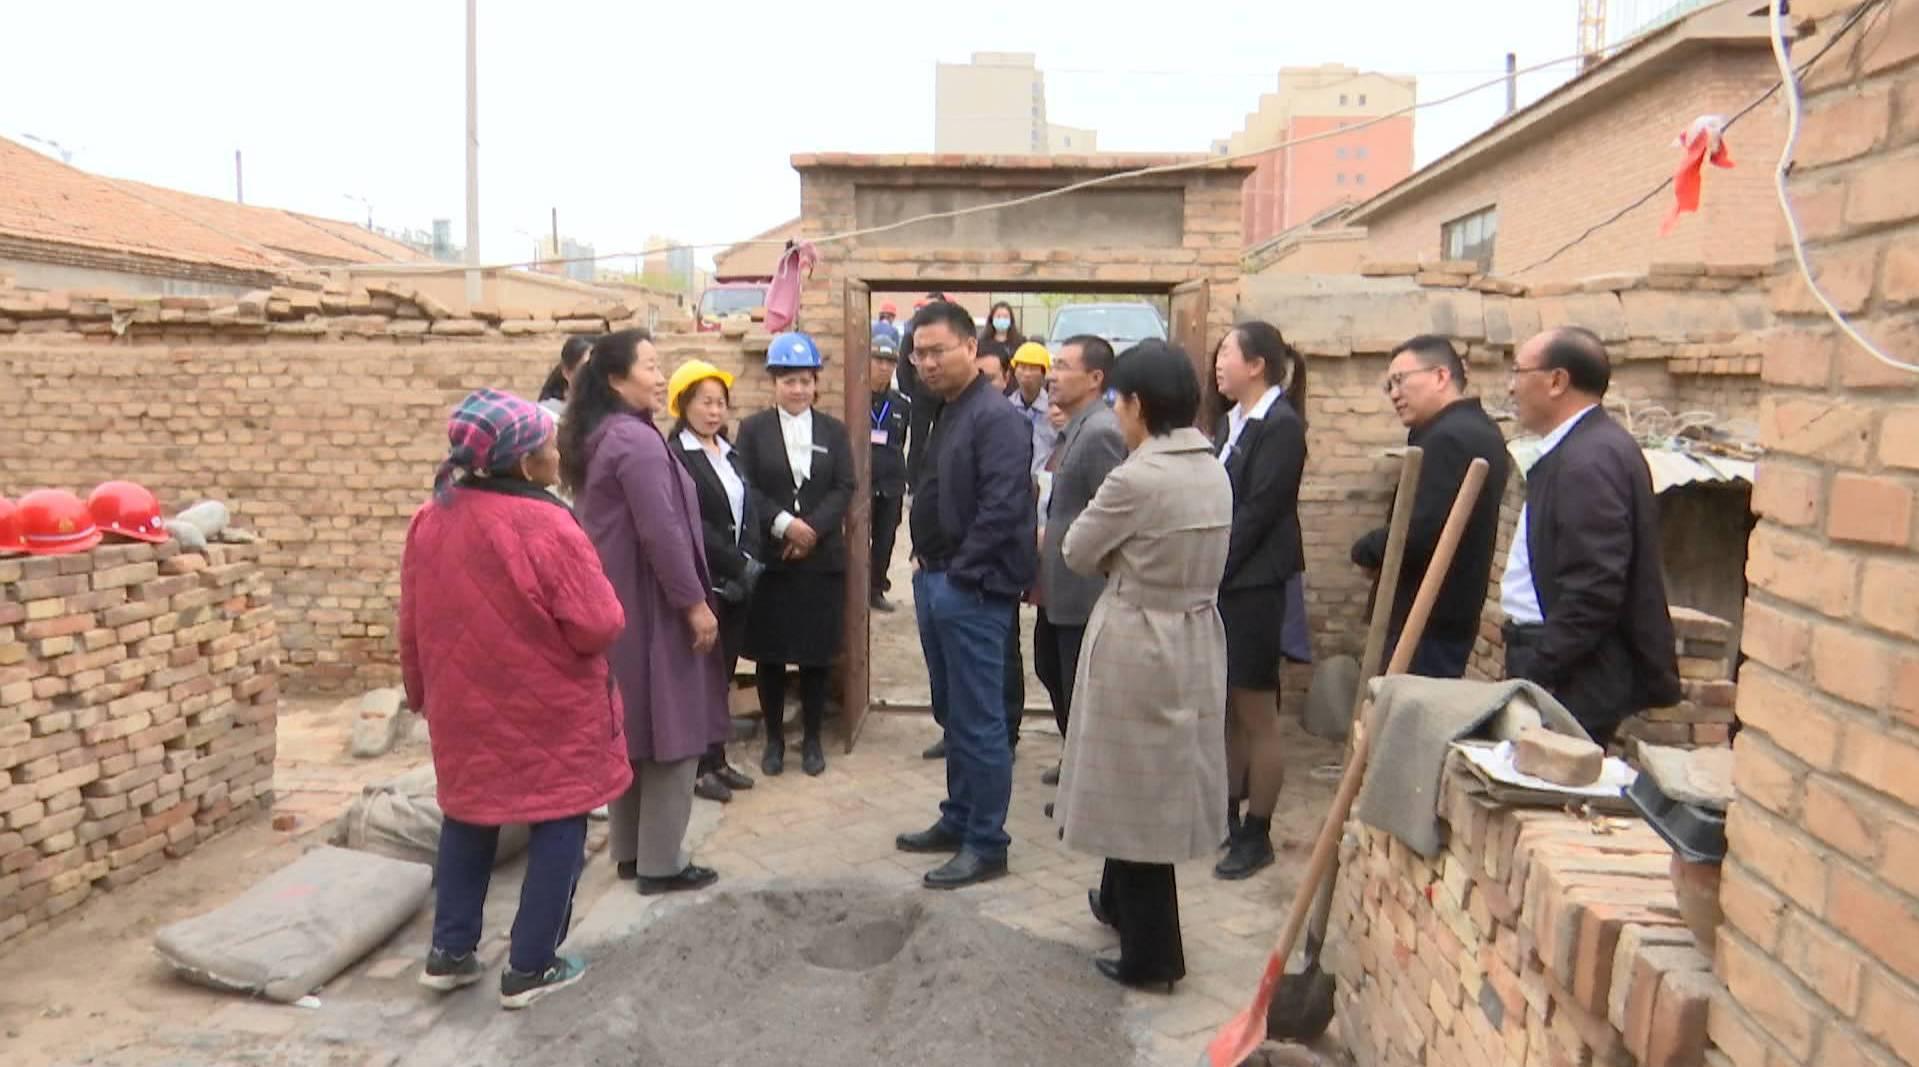 满都拉社区与互联互动单位为低保老人捐款修缮危房